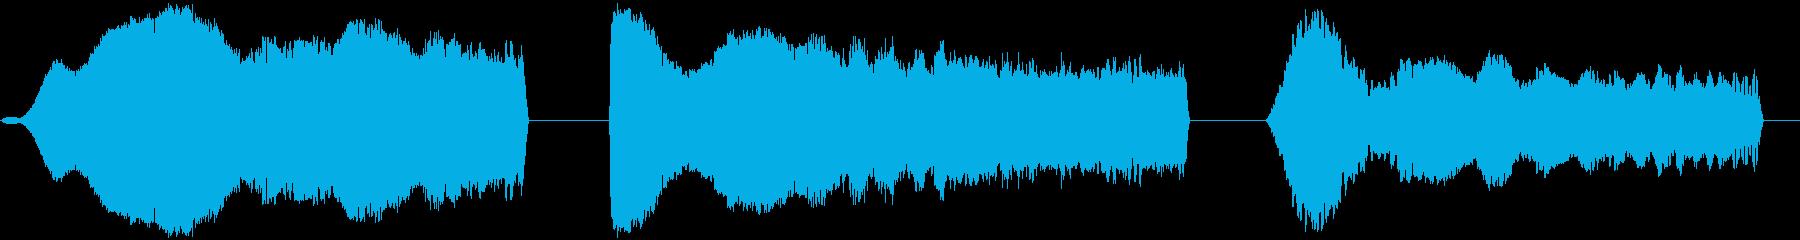 スペーススイープ、3バージョン、ラ...の再生済みの波形